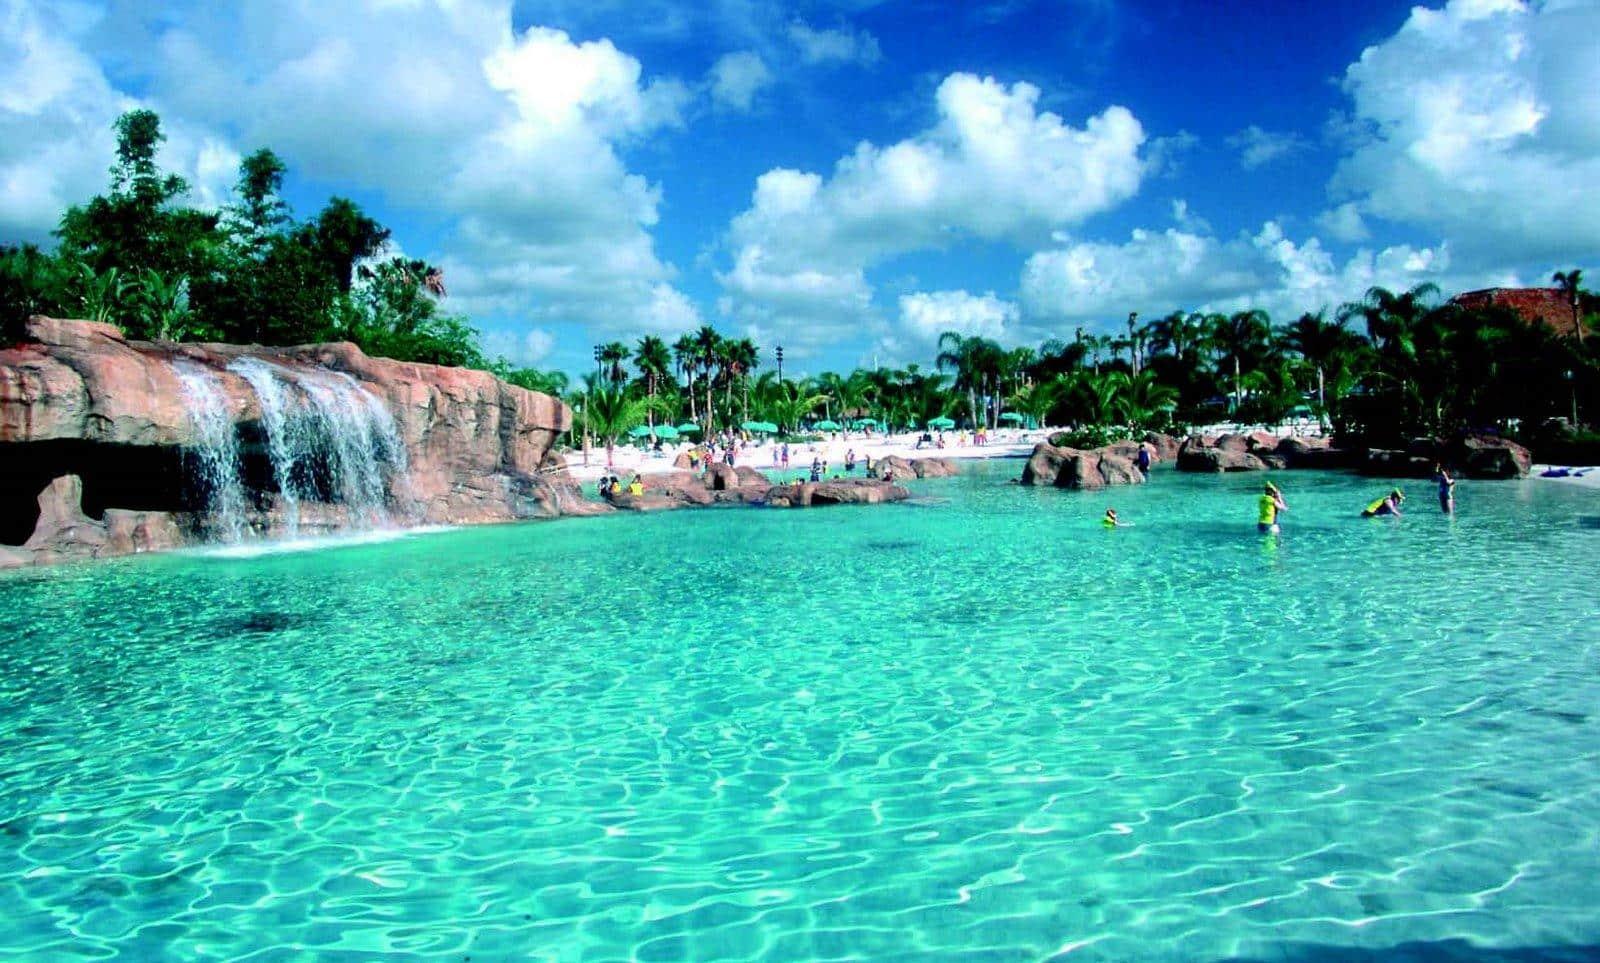 Parques para adultos em Orlando: parque Discovery Cove